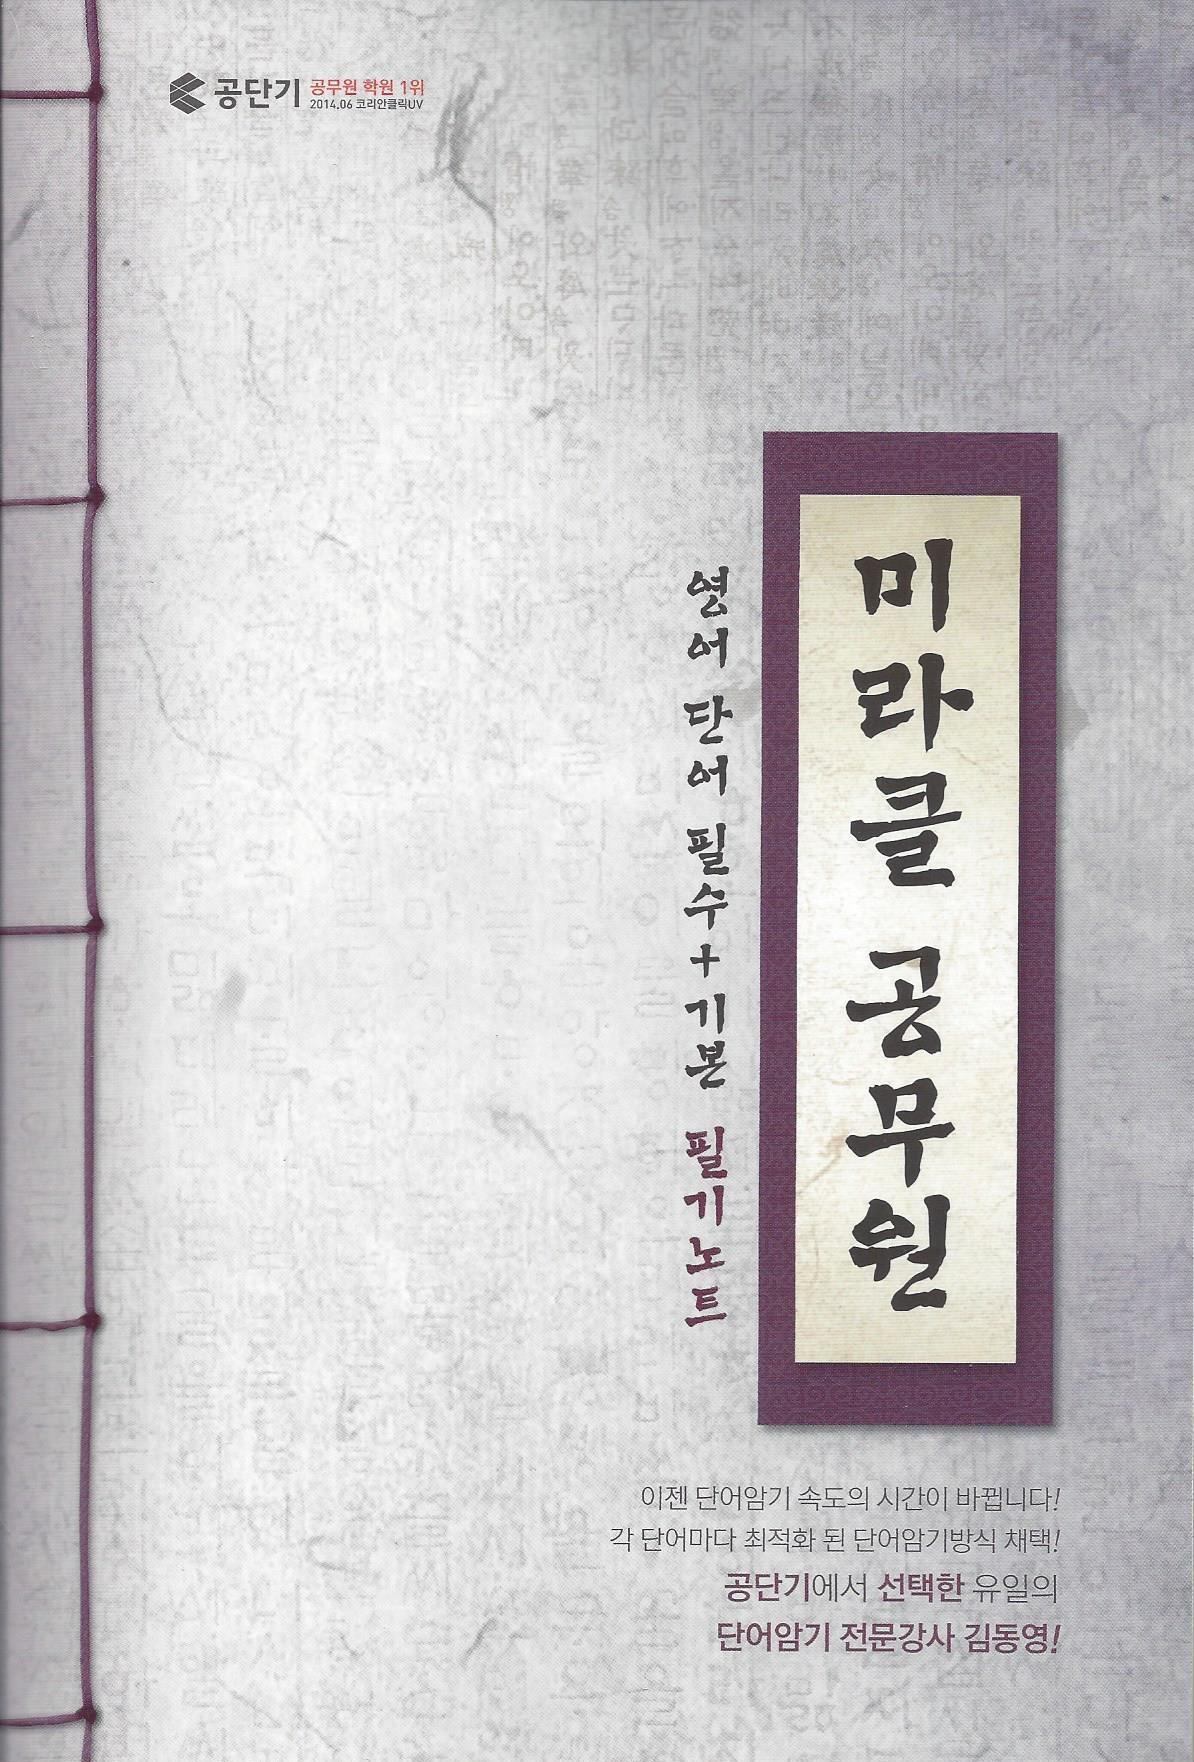 김동영 미라클 영어 단어 필수 + 기본 필기노트(임시품절)